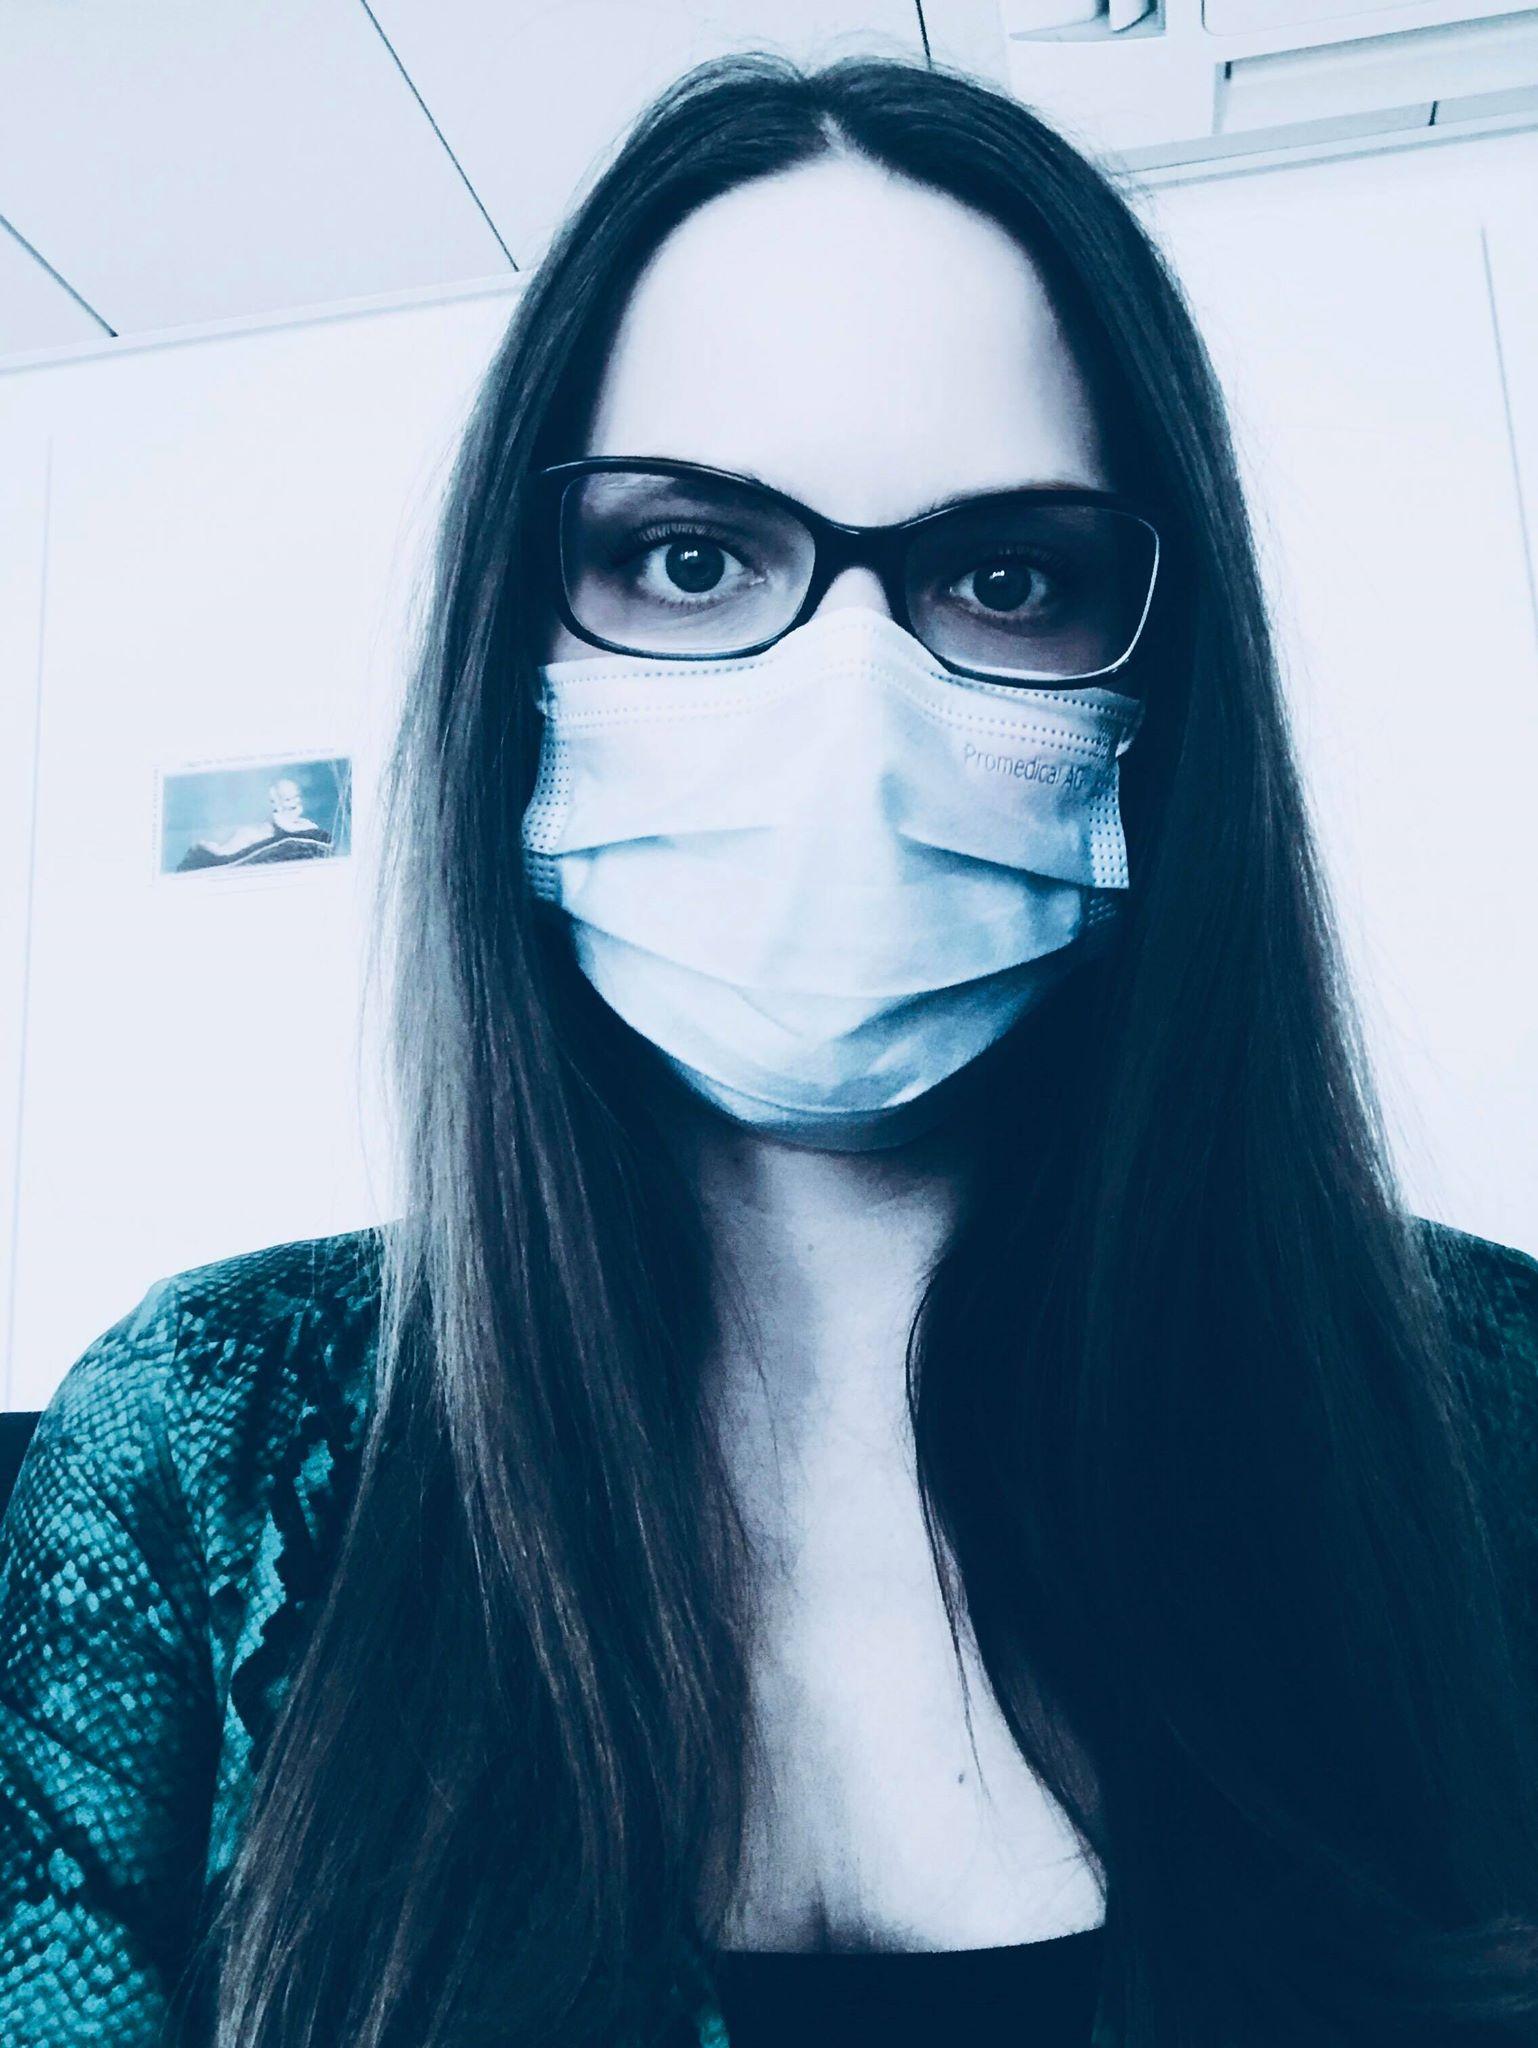 의료기관에서 일을 하기 때문에 늘 마스크를 착용한다. Photo by Sophie Berger